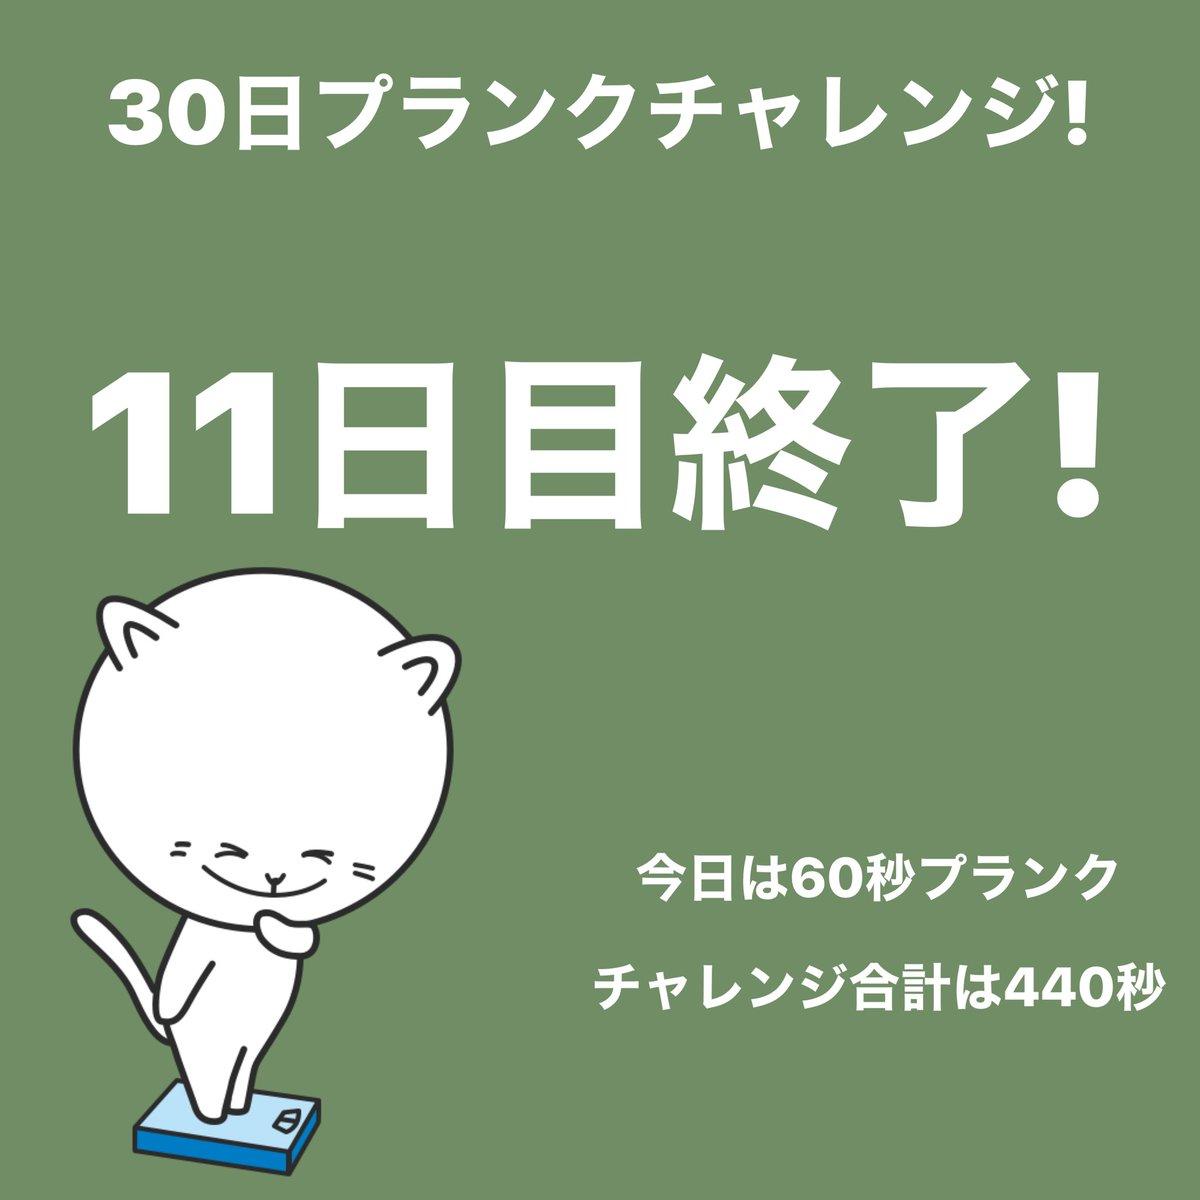 #まるぺワークアウト #プランクチャレンジ 11日目終了!今日は60秒プランクしました。 #30日チャレンジ